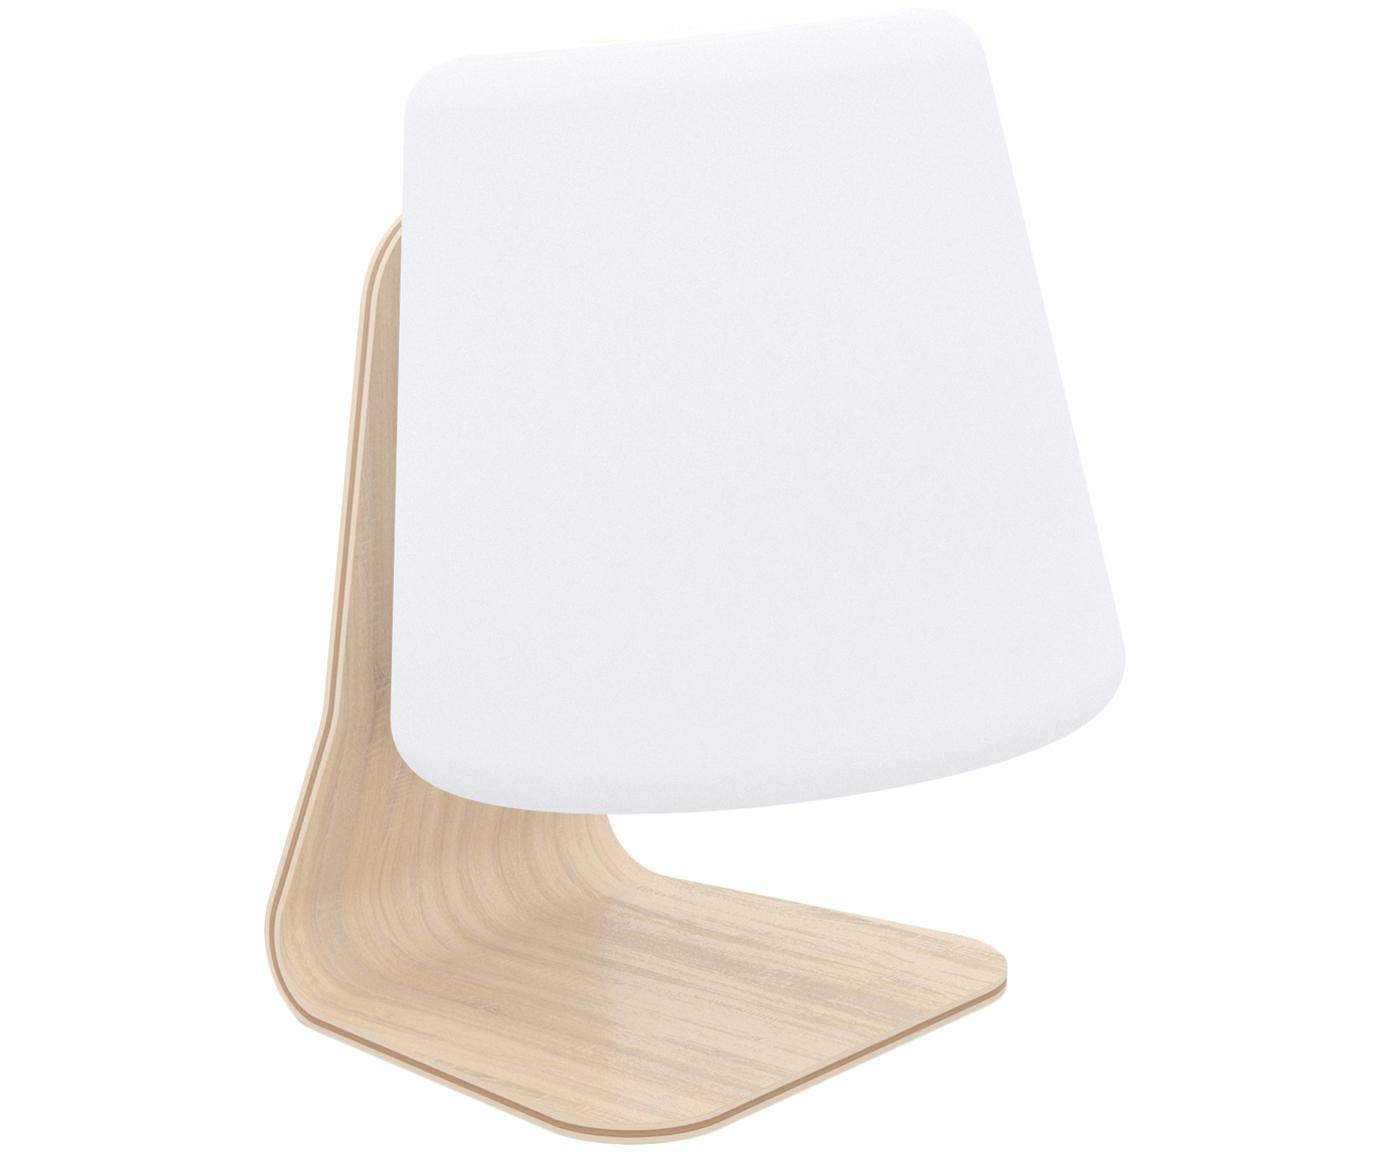 Lampada portatile a LED da esterno Table, Paralume: materiale sintetico, Base della lampada: legno di olmo con impiall, Bianco, marrone chiaro, Larg. 22 x Alt. 29 cm